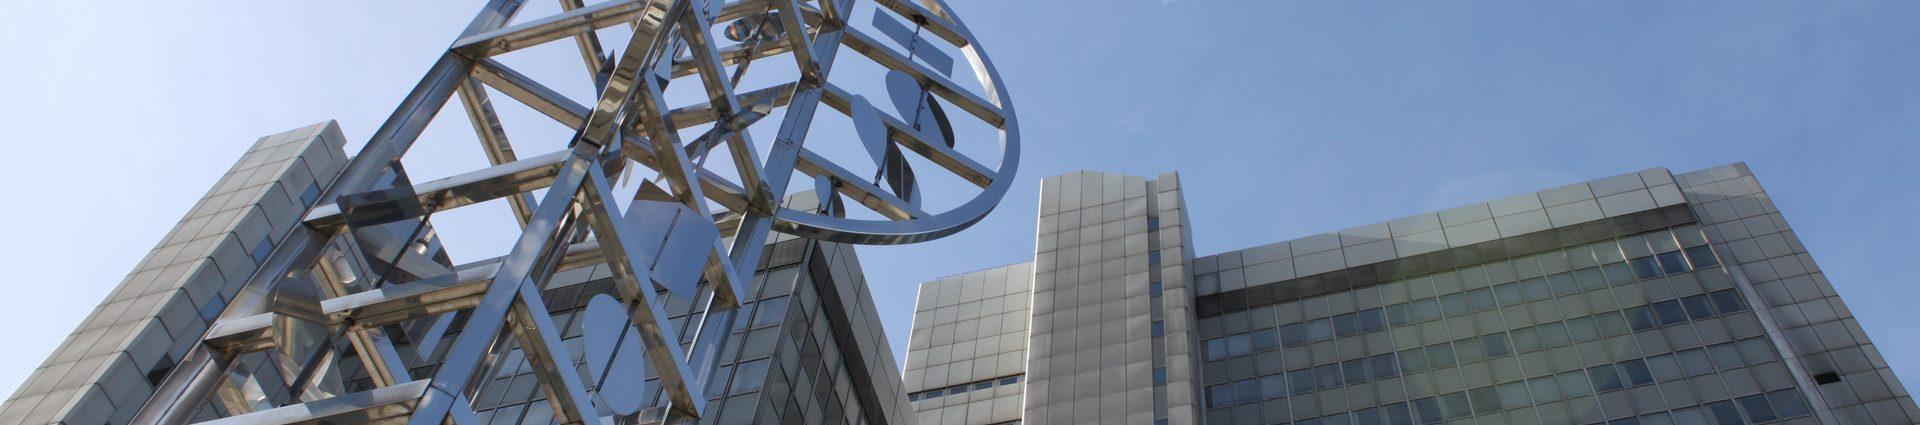 Stadtverwaltung A bis Z  | Bundesstadt Bonn